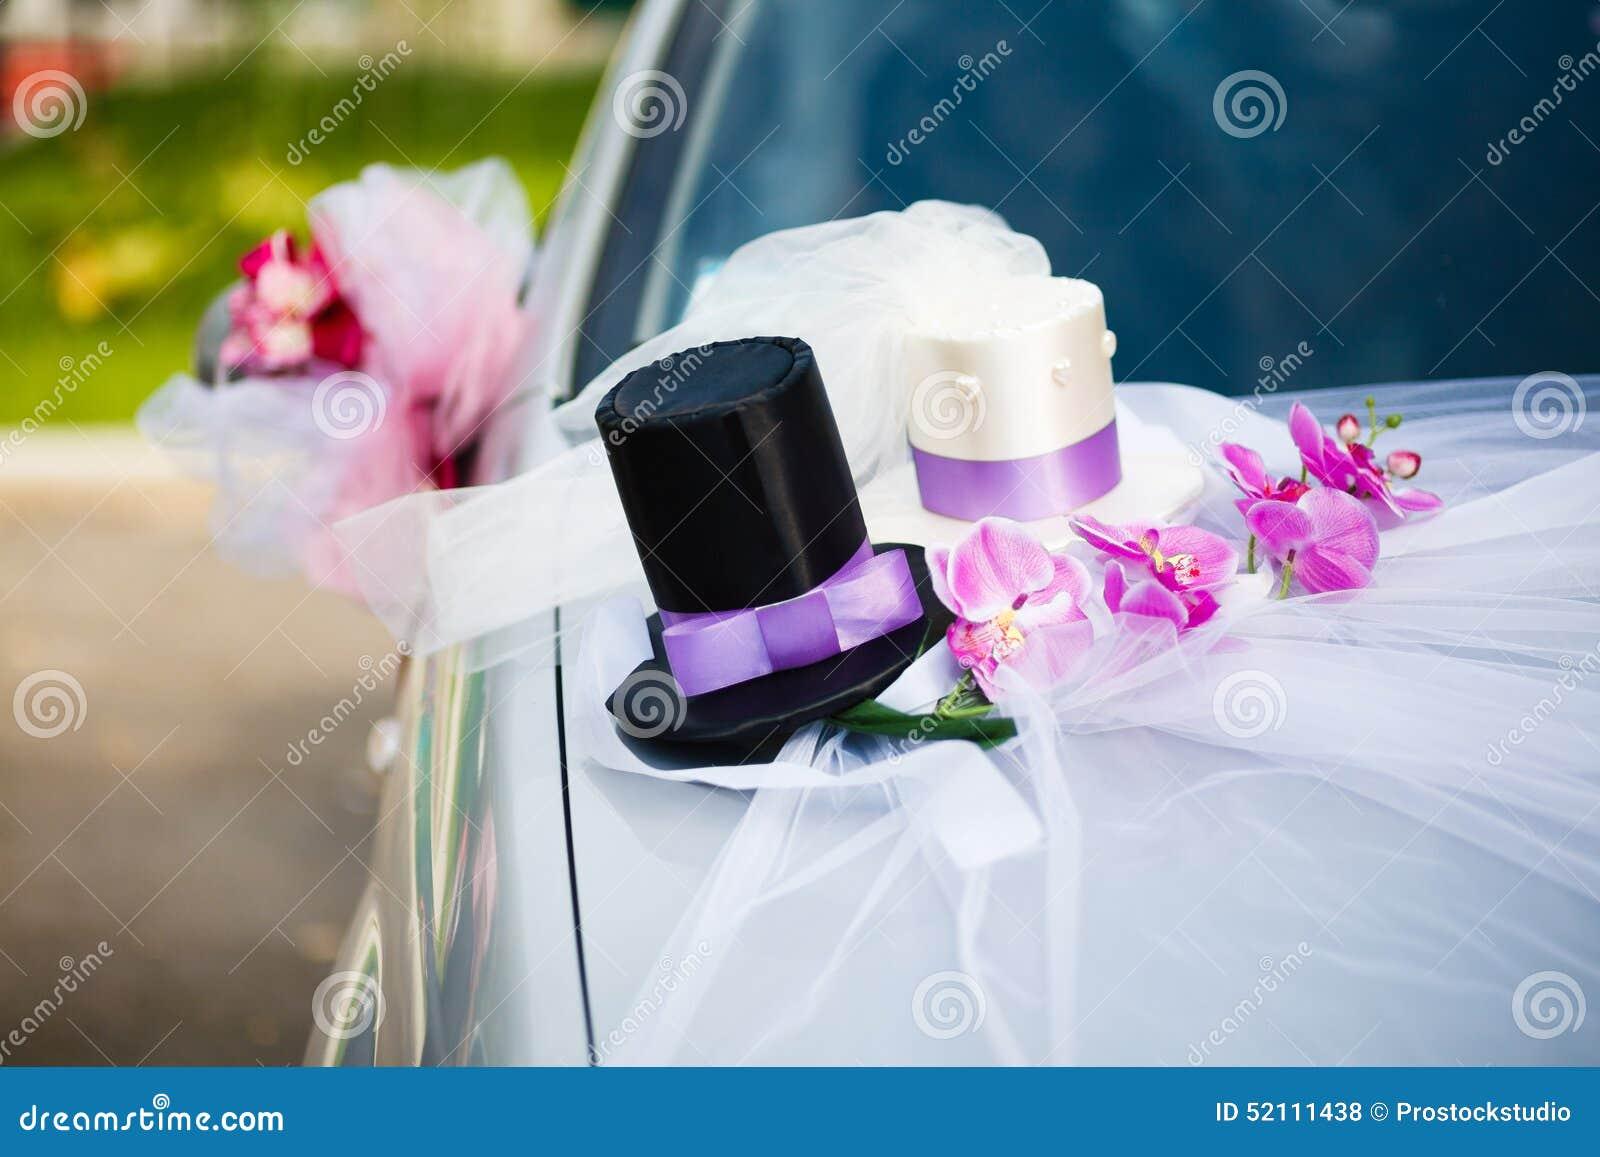 Decoration voiture mariage 2016 - Decoration de voiture de mariage original ...